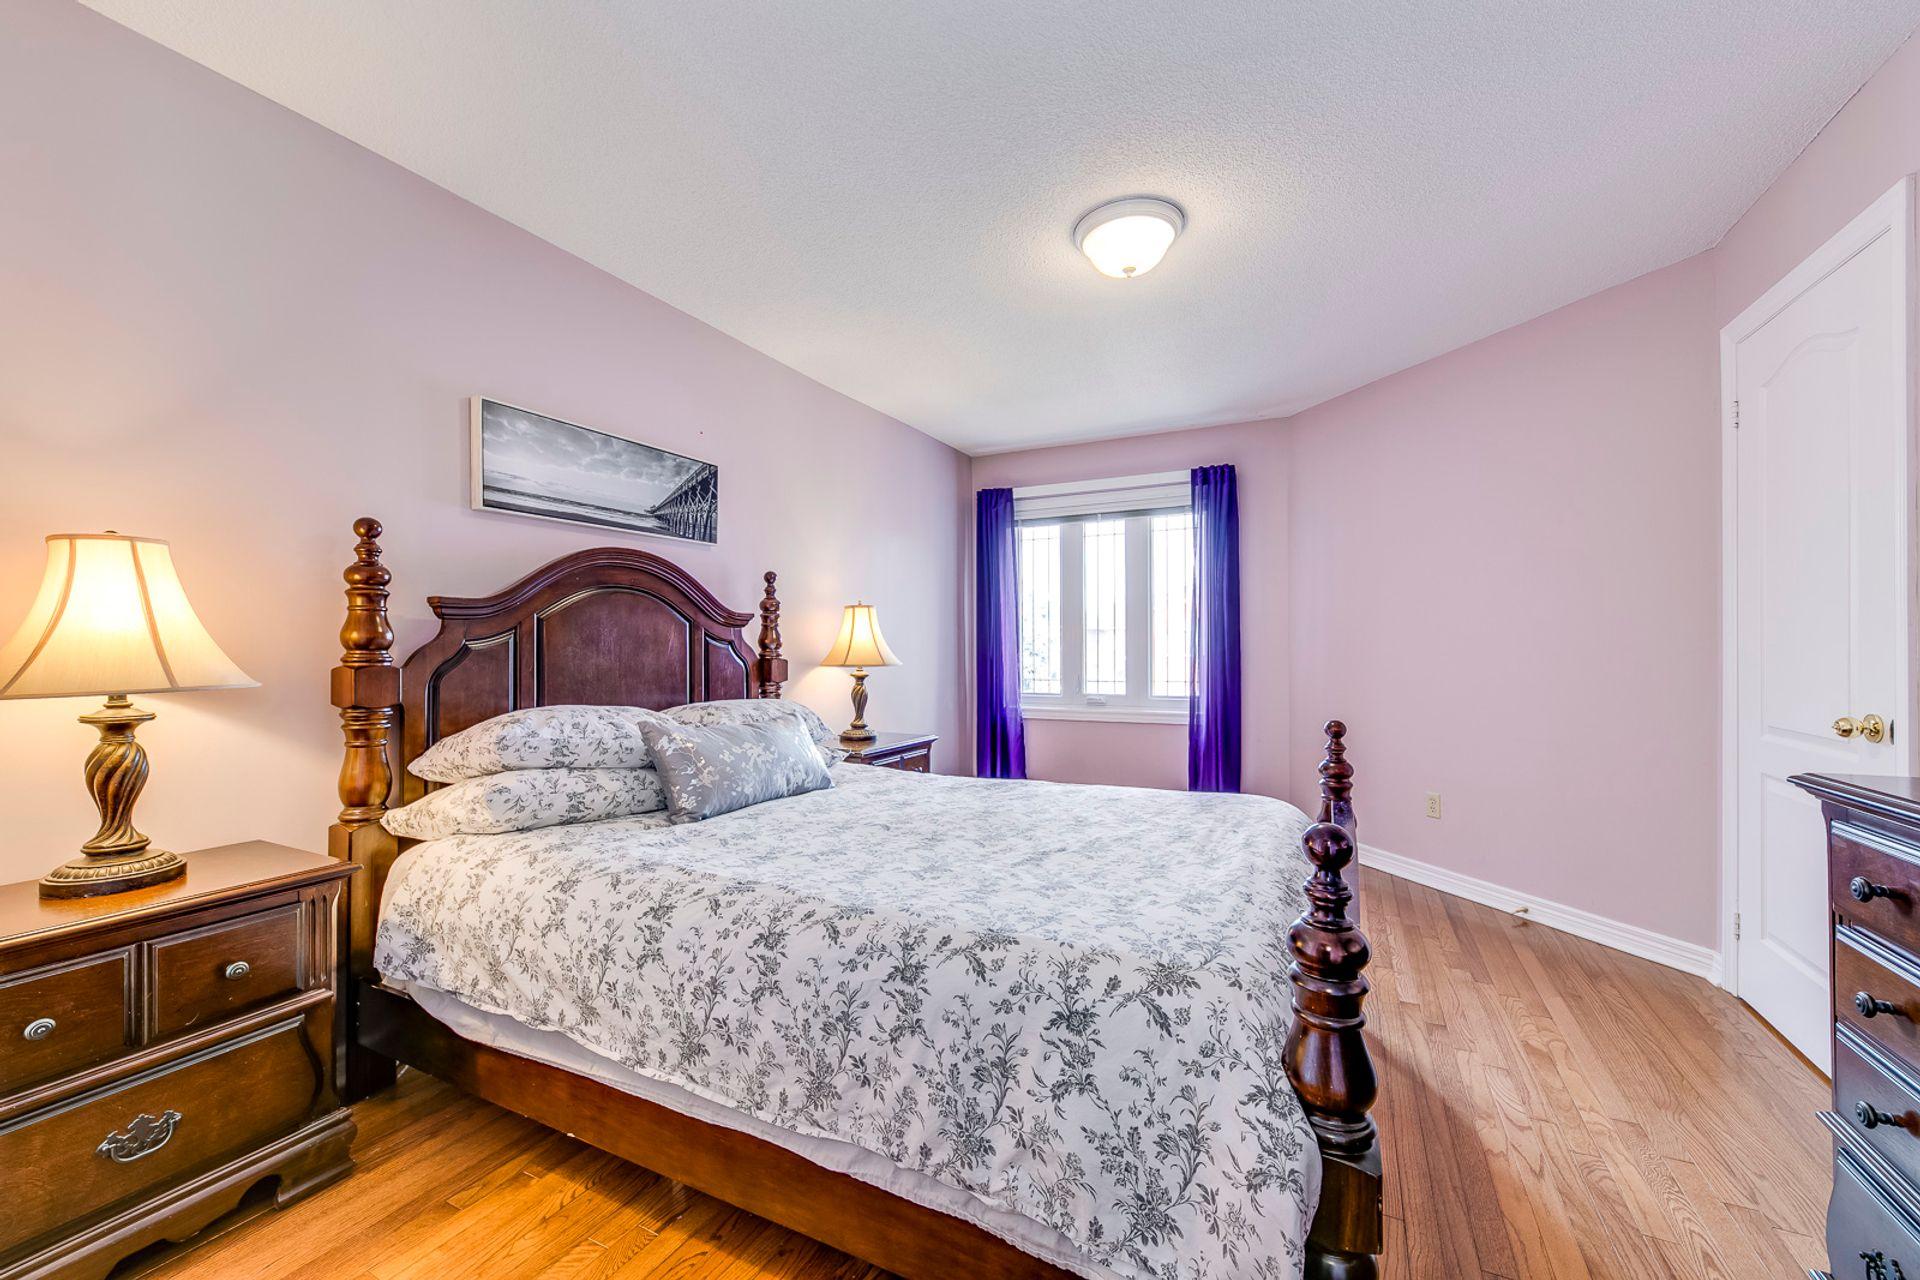 2nd Bedroom - 5156 Heatherleigh Ave, Mississauga - Elite3 & Team at 5156 Heatherleigh Avenue, East Credit, Mississauga